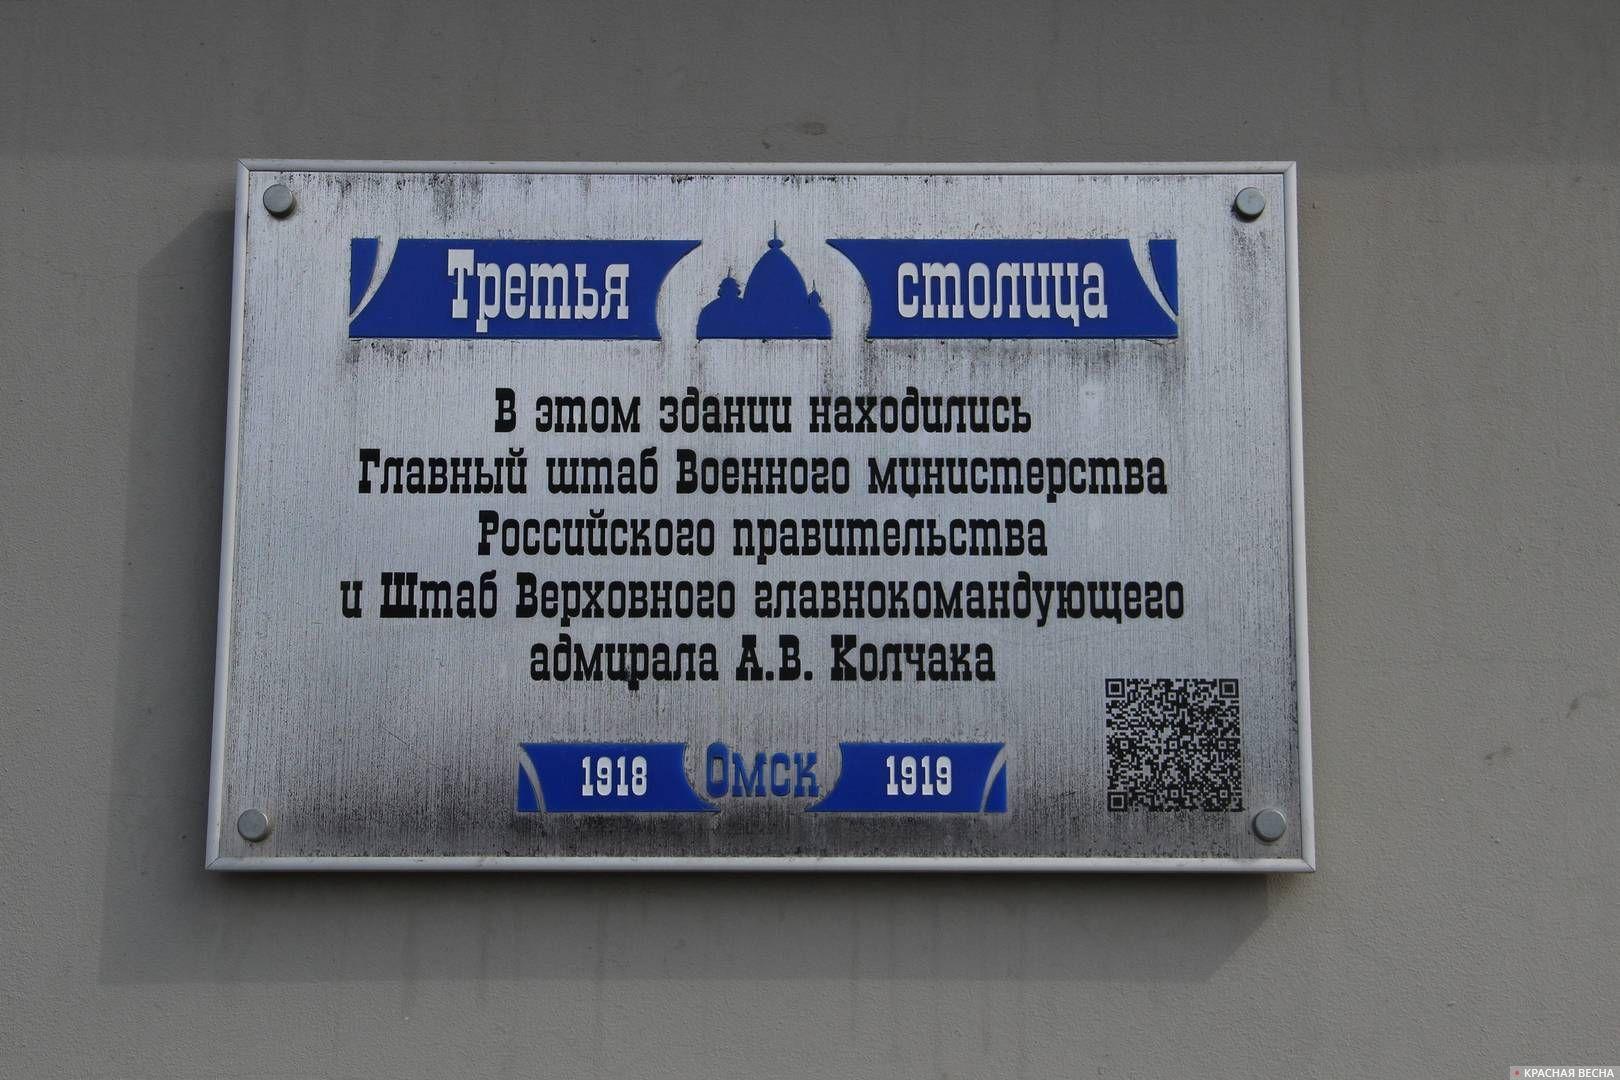 Одна из табличек проекта «Третья столица»